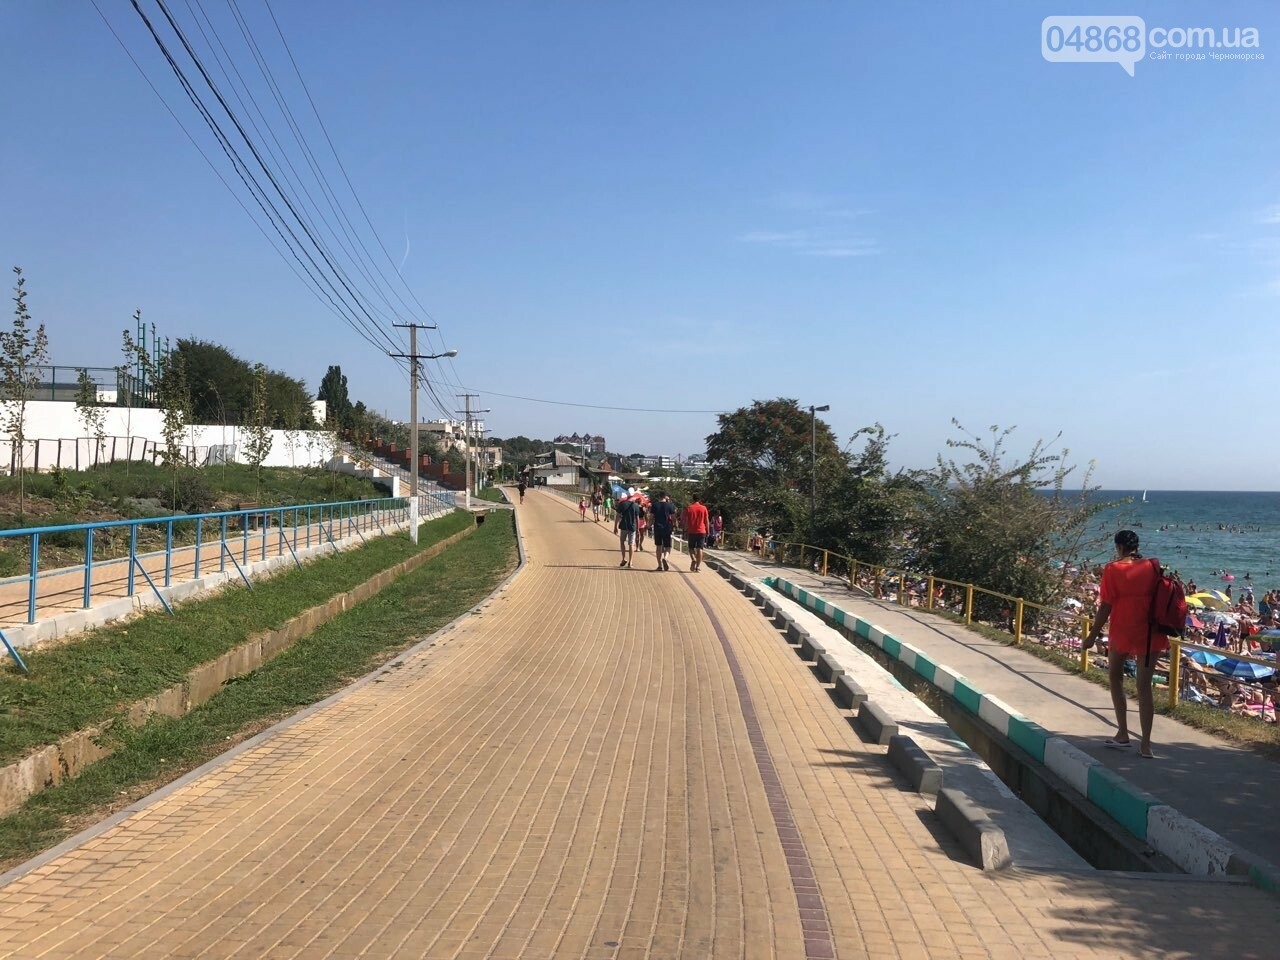 «Центр Безопасности Юг» обеспечивает спокойный досуг жителей и гостей Черноморска, фото-5